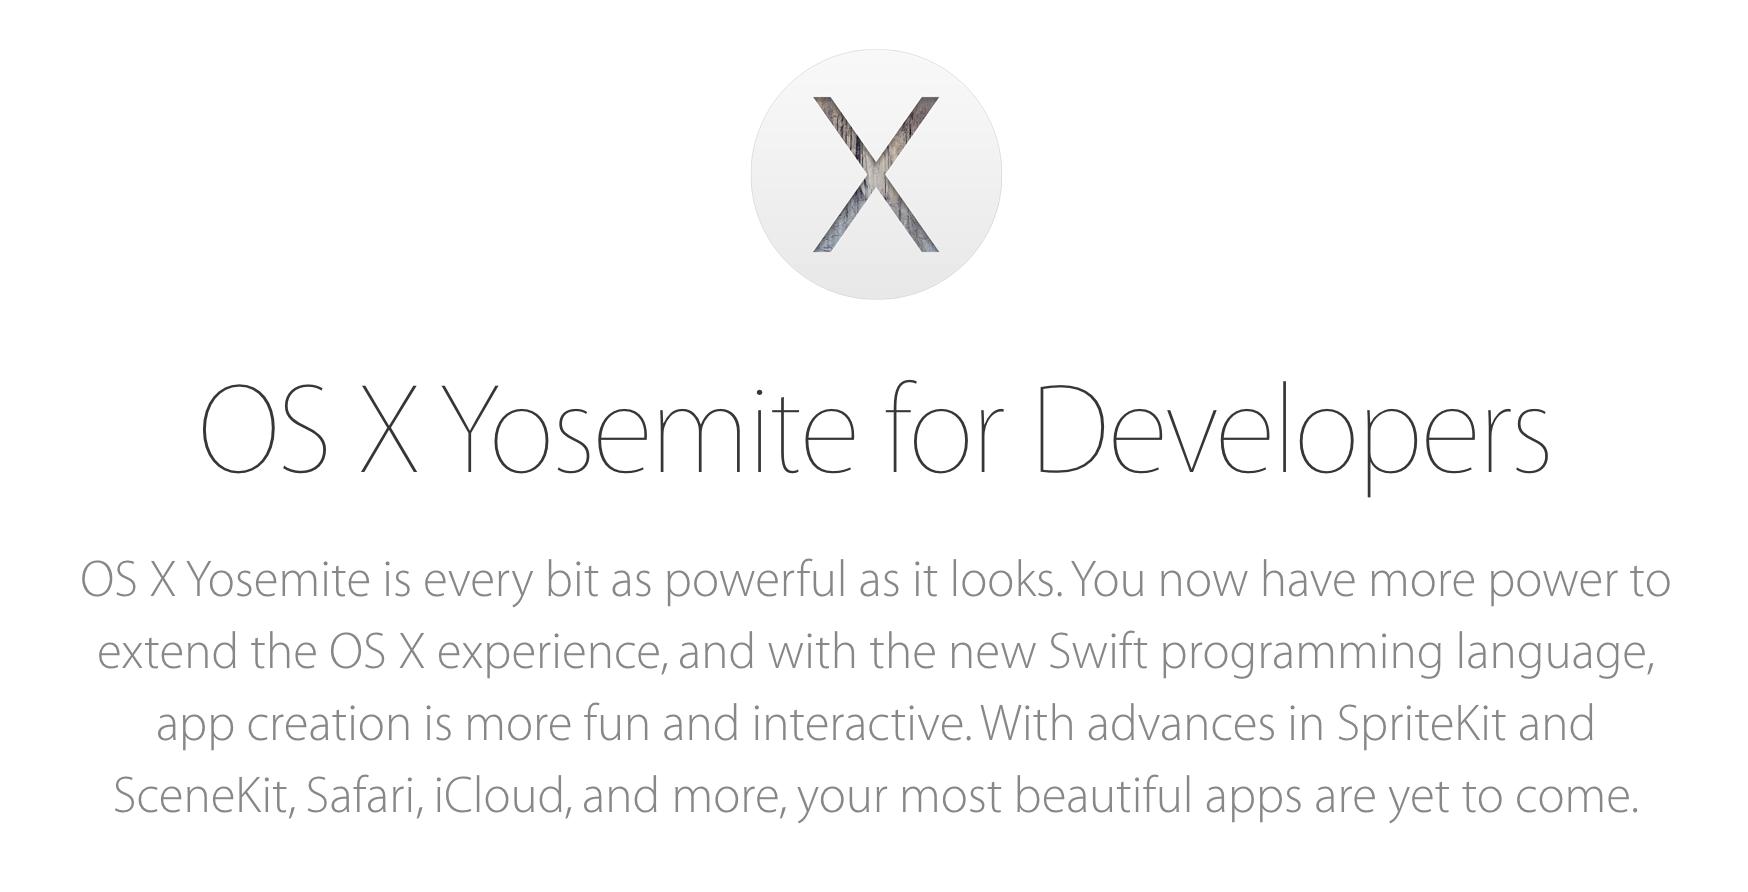 OS X Yosemite 10.10.4 (14E33b) 개발자 버전 공개.